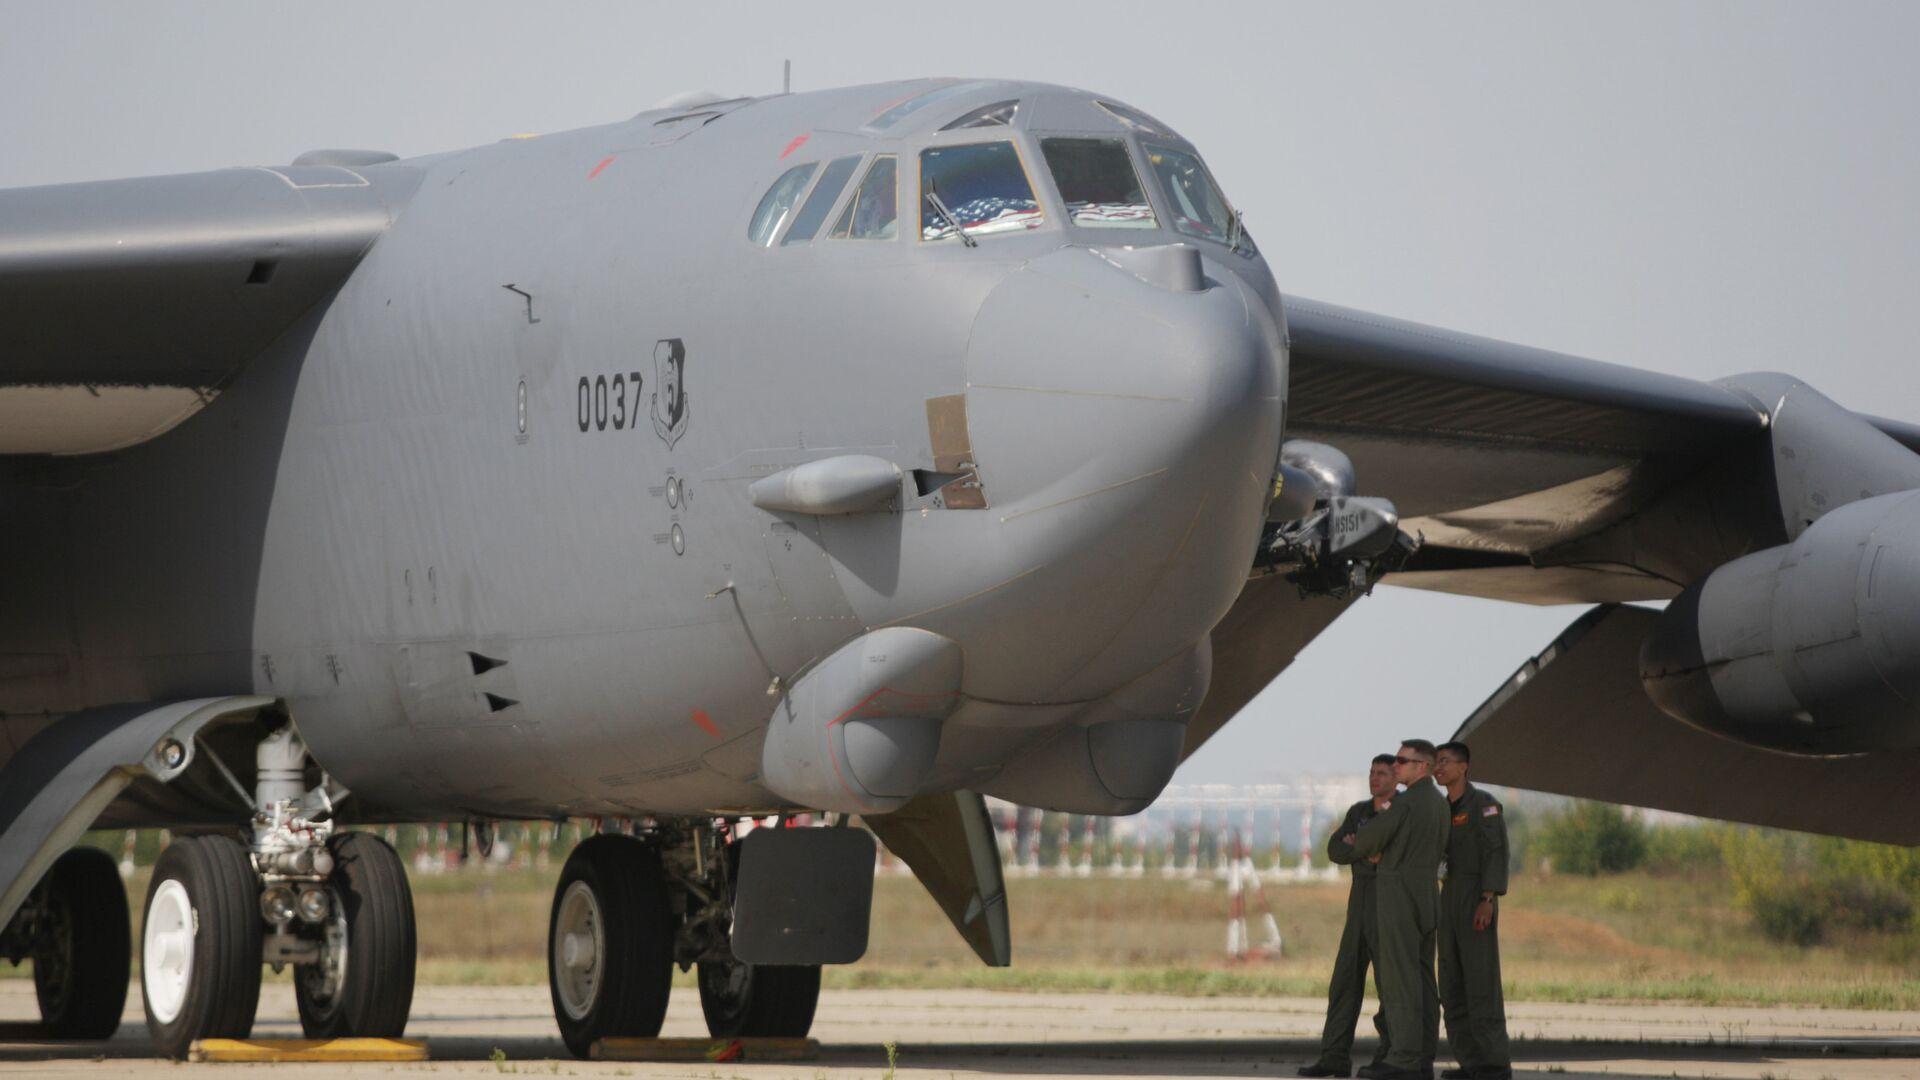 Прилет бомбардировщика Б-52 на авиасалон МАКС-2011 - РИА Новости, 1920, 17.01.2021